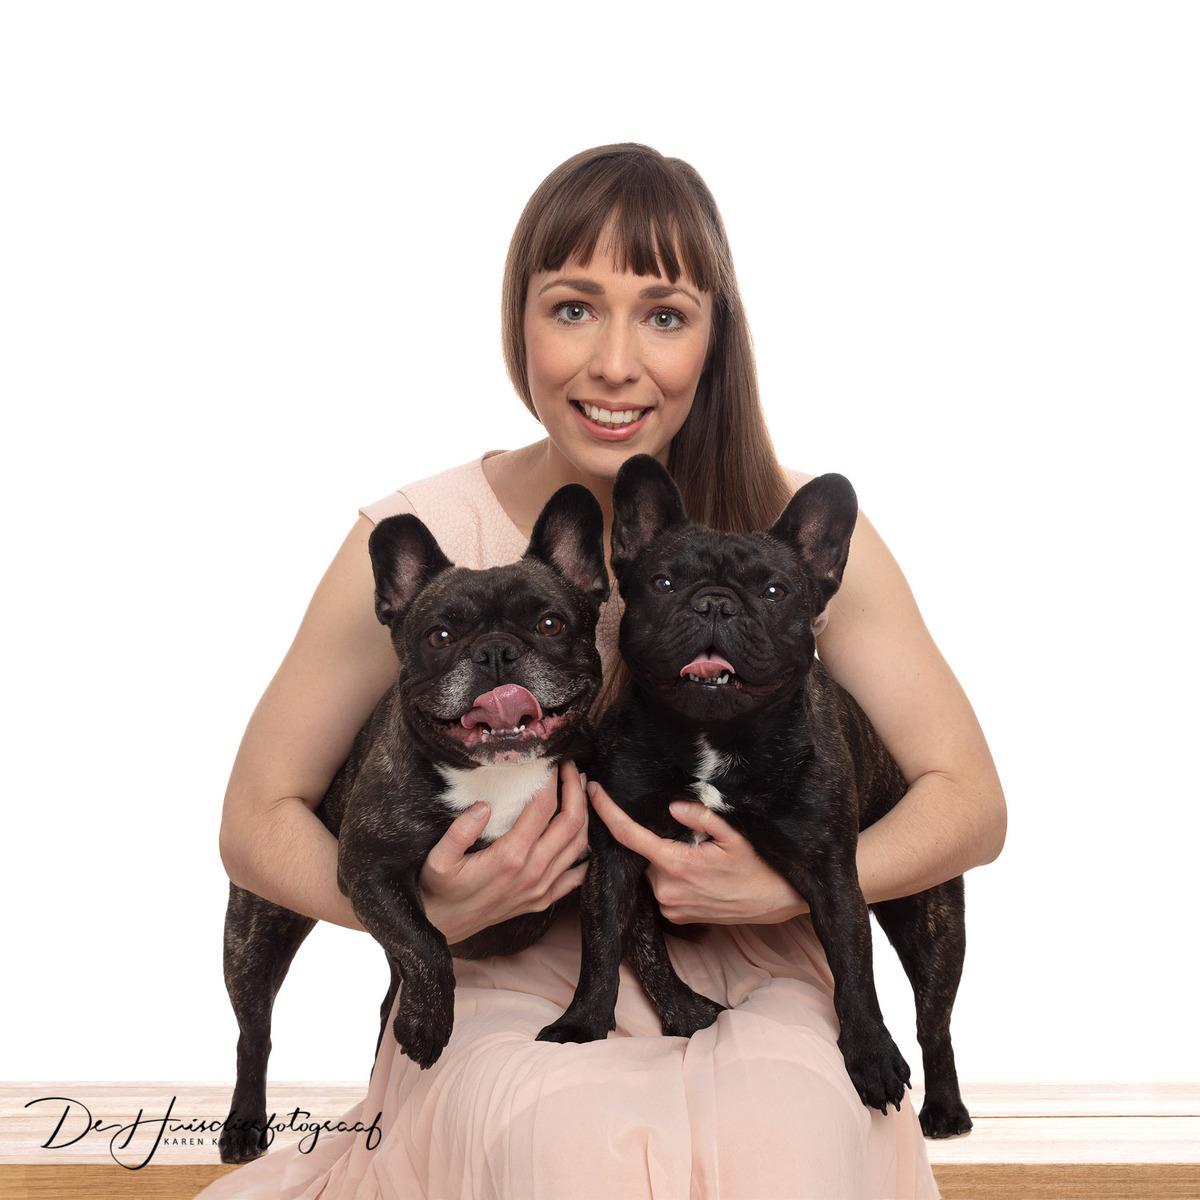 Huisdieren met hun baasjes. Portret van een jonge dame met haar 2 franse bulldogs op schoot. Portret door De Huisdierfotograaf